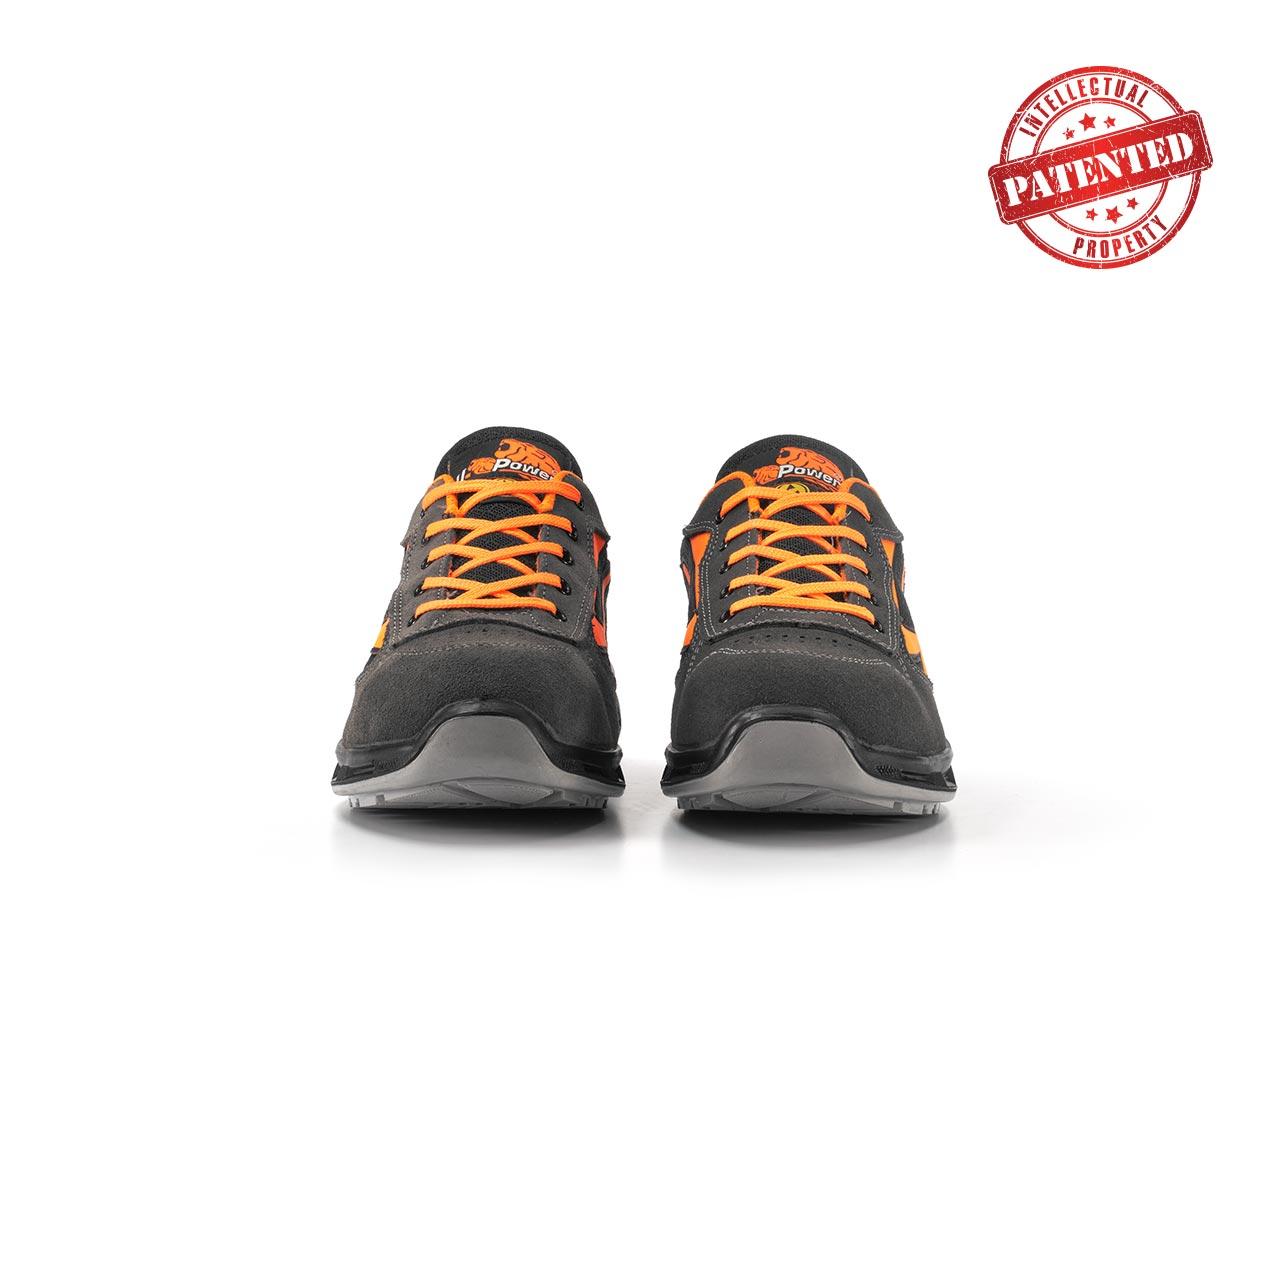 paio di scarpe antinfortunistiche upower modello orange linea redlion vista frontale